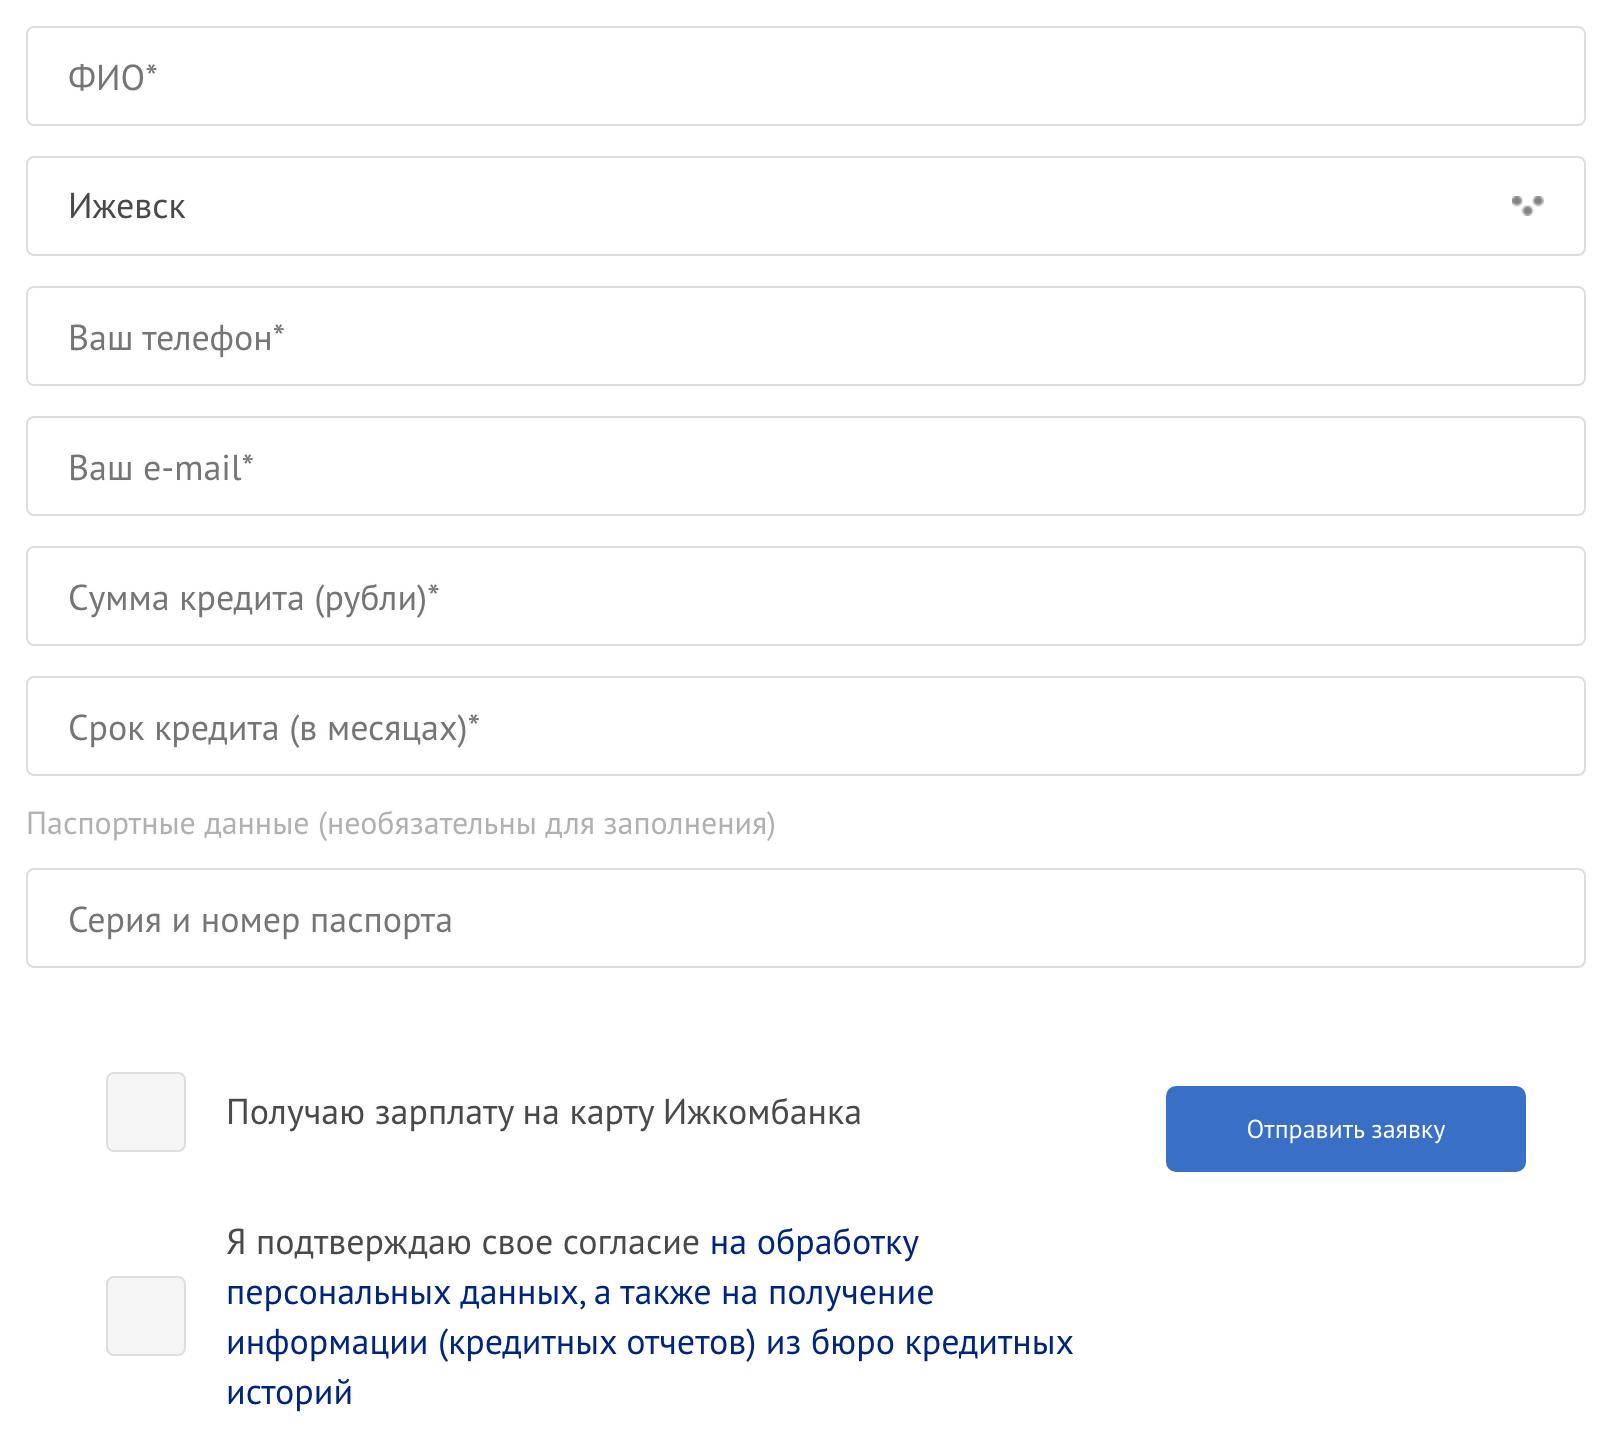 Заявка на кредит ижевск